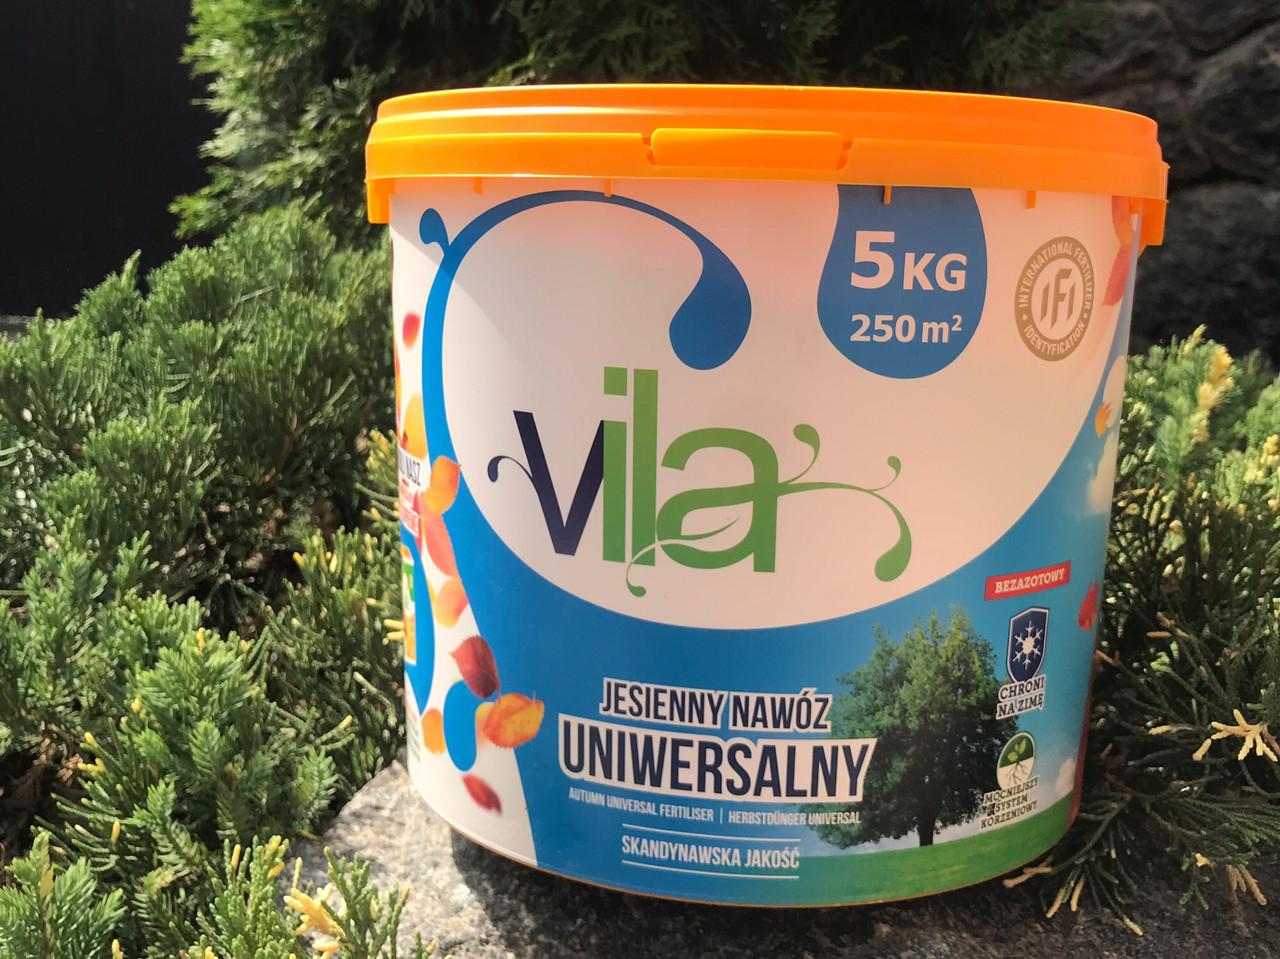 Гранулированное удобрение Yara Vila осеннее универсальное, 5 кг